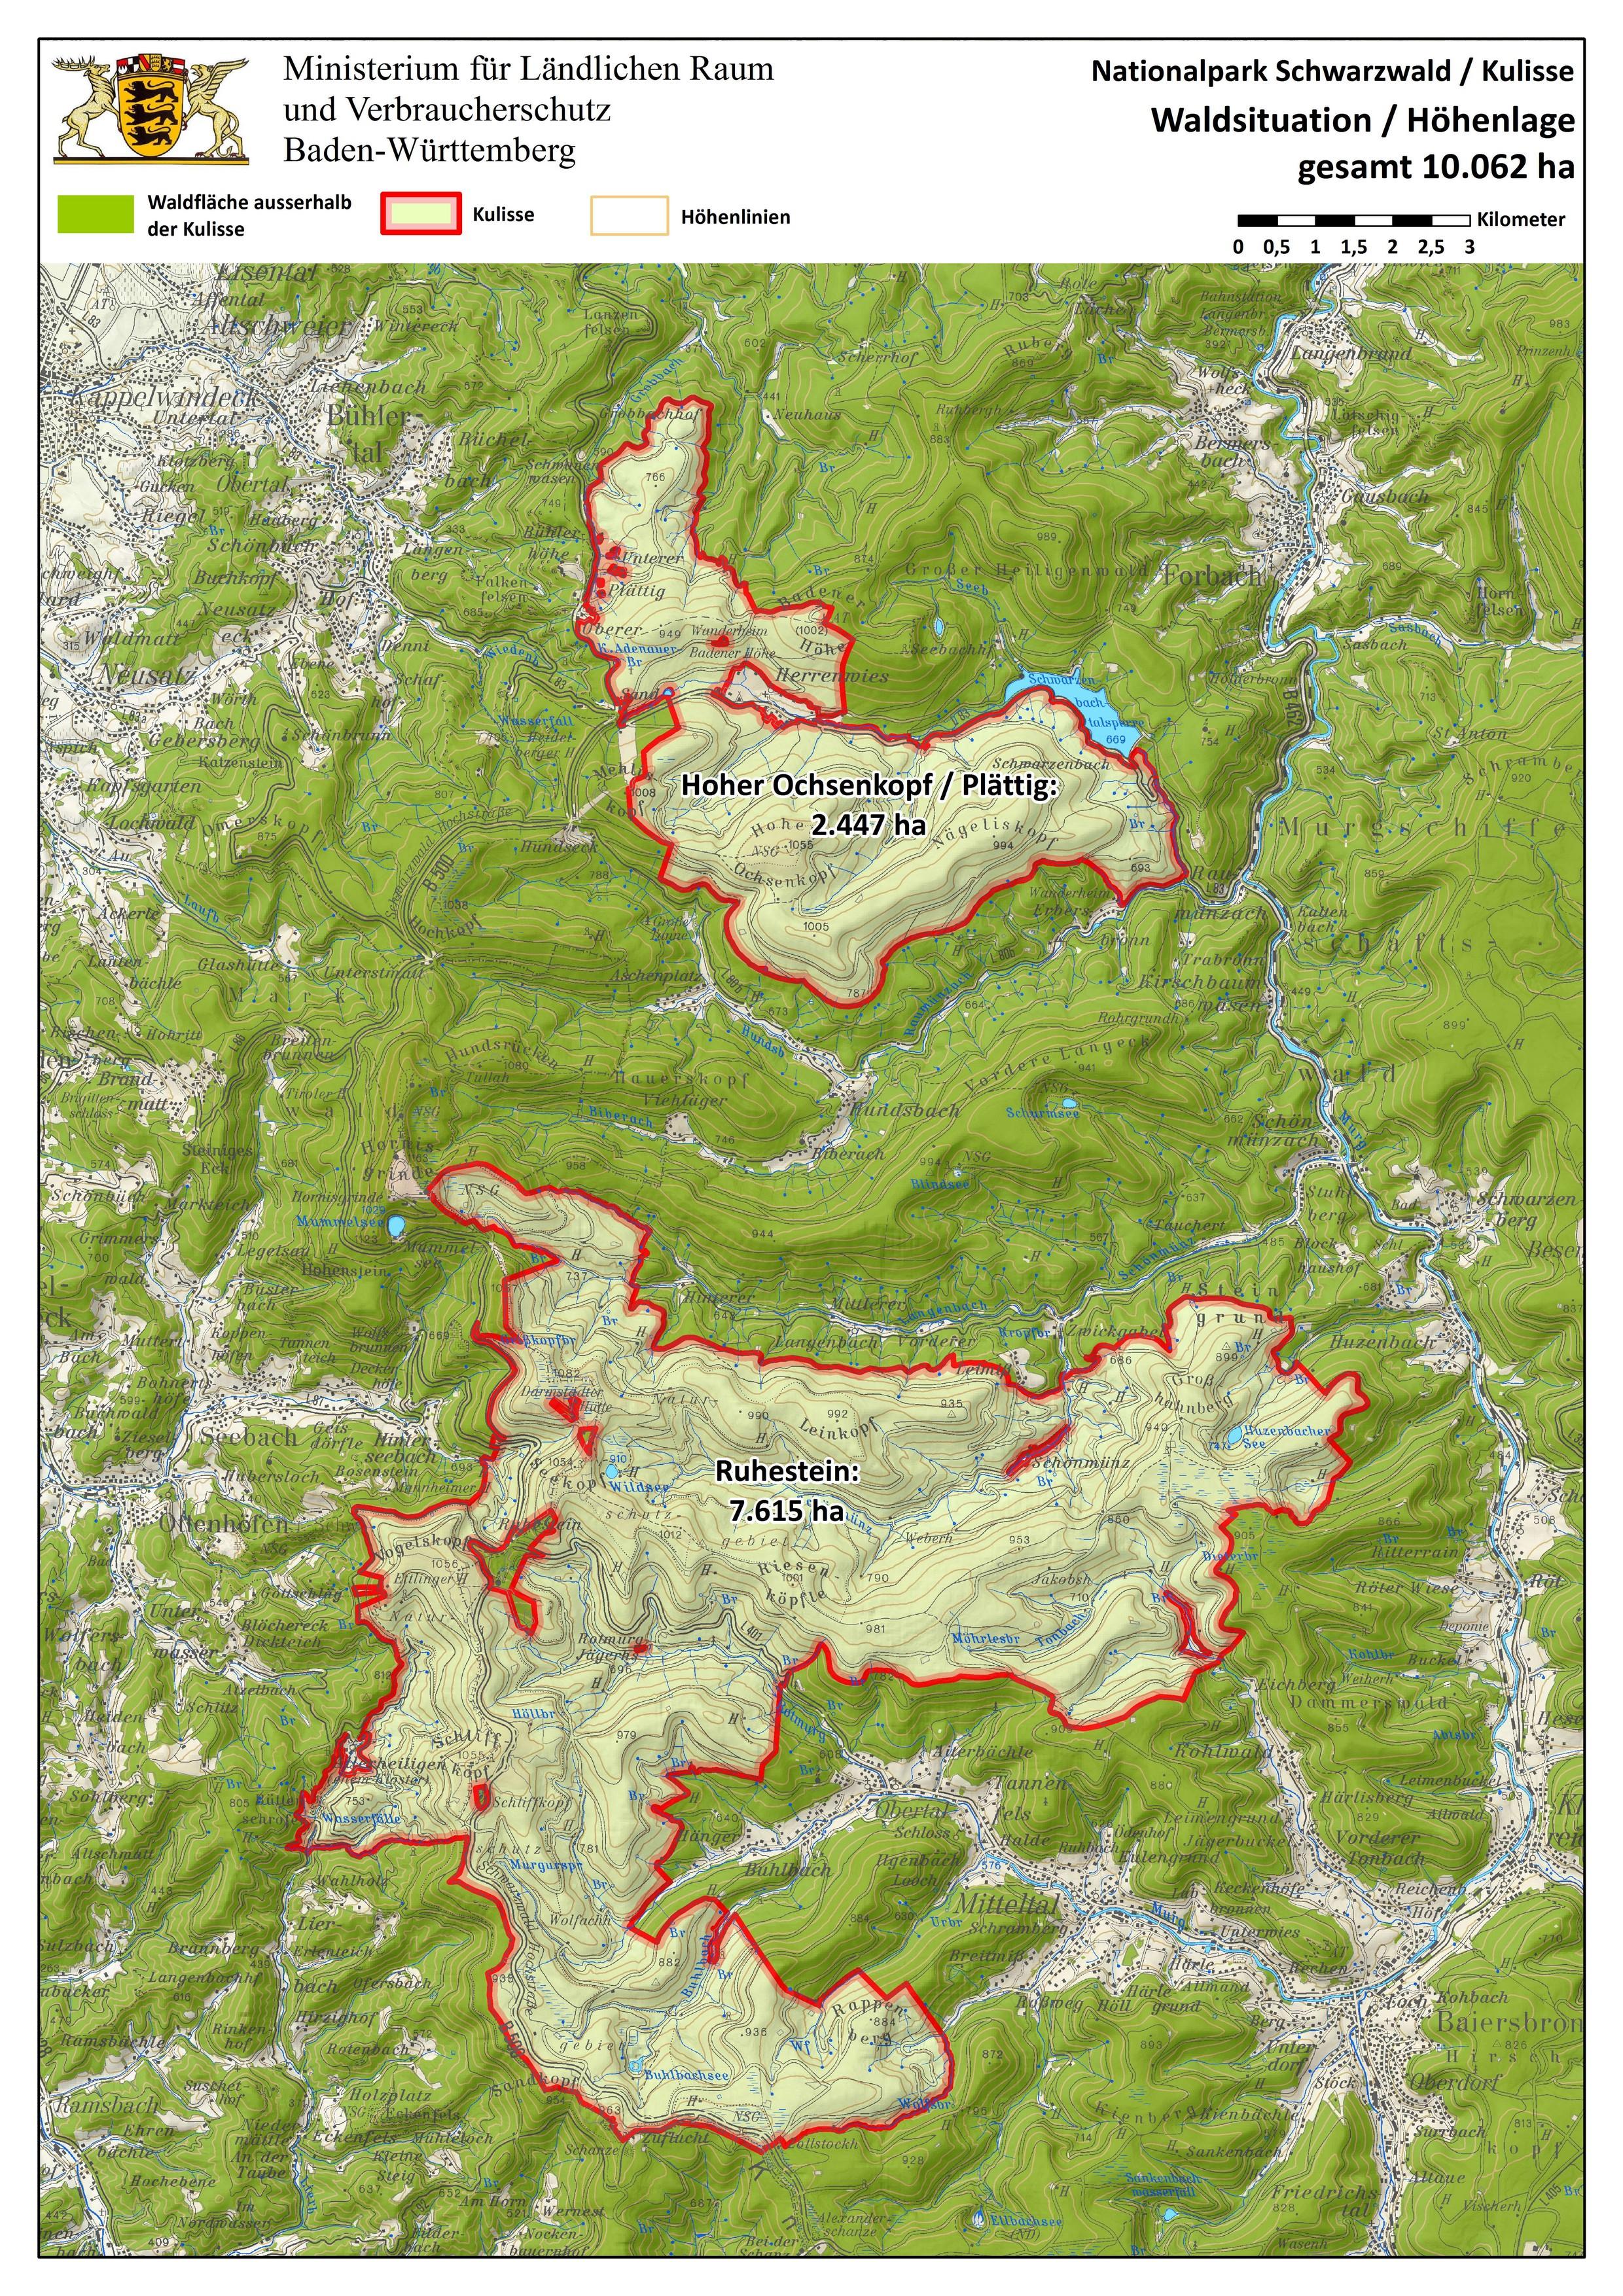 Nordschwarzwald Karte.Karte Nationalpark Schwarzwald Hanzeontwerpfabriek